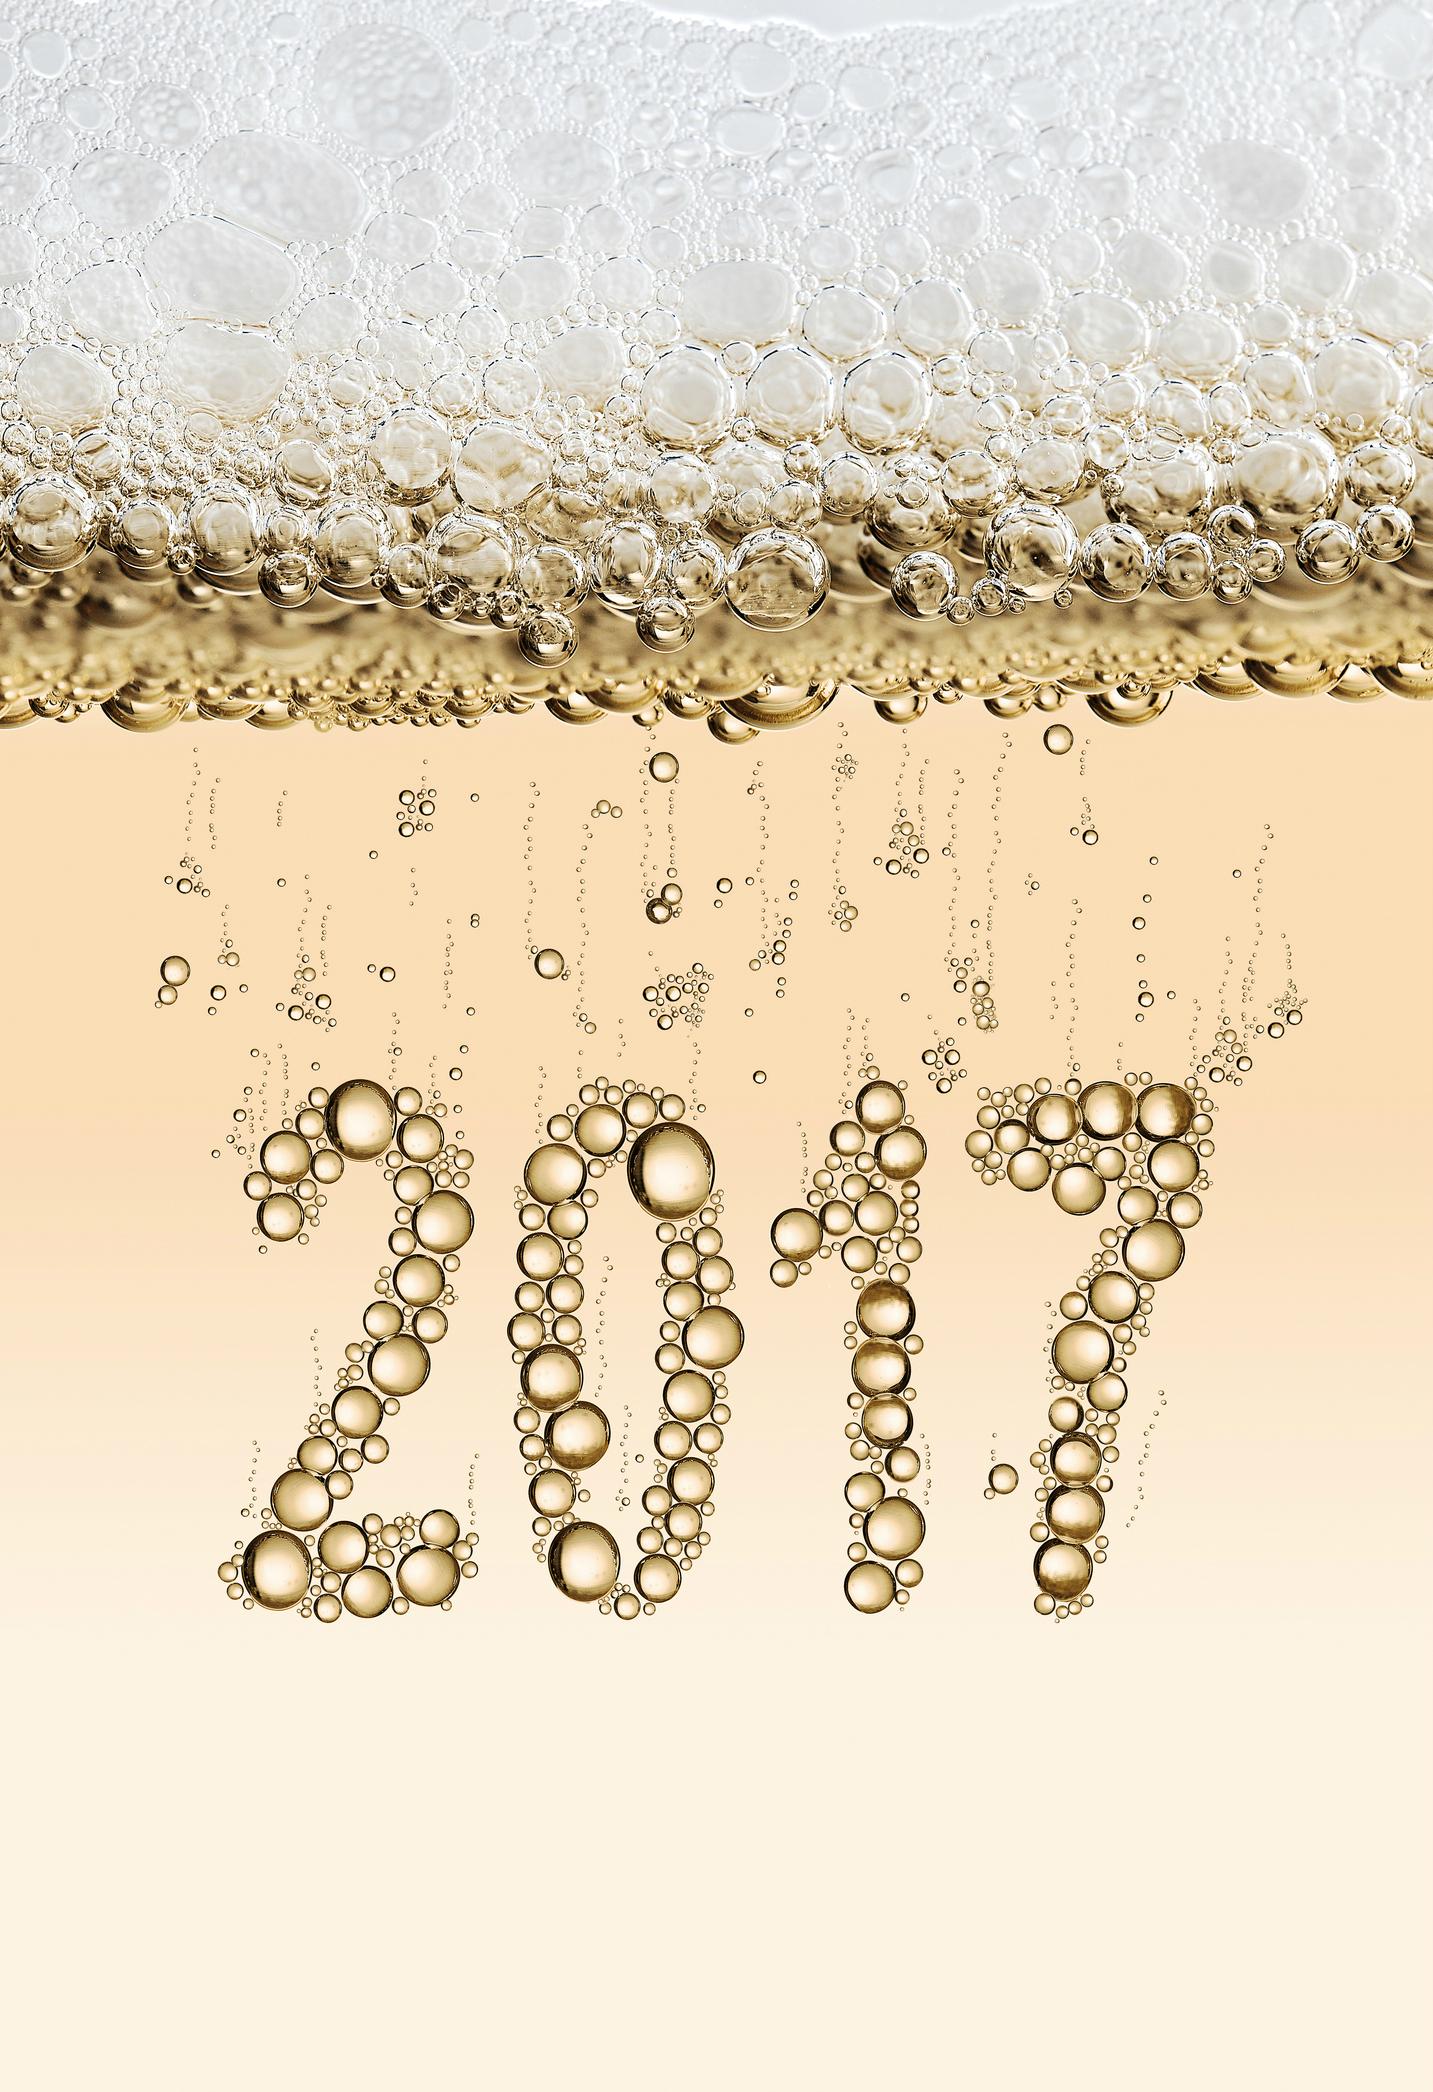 2017 written in bubbles